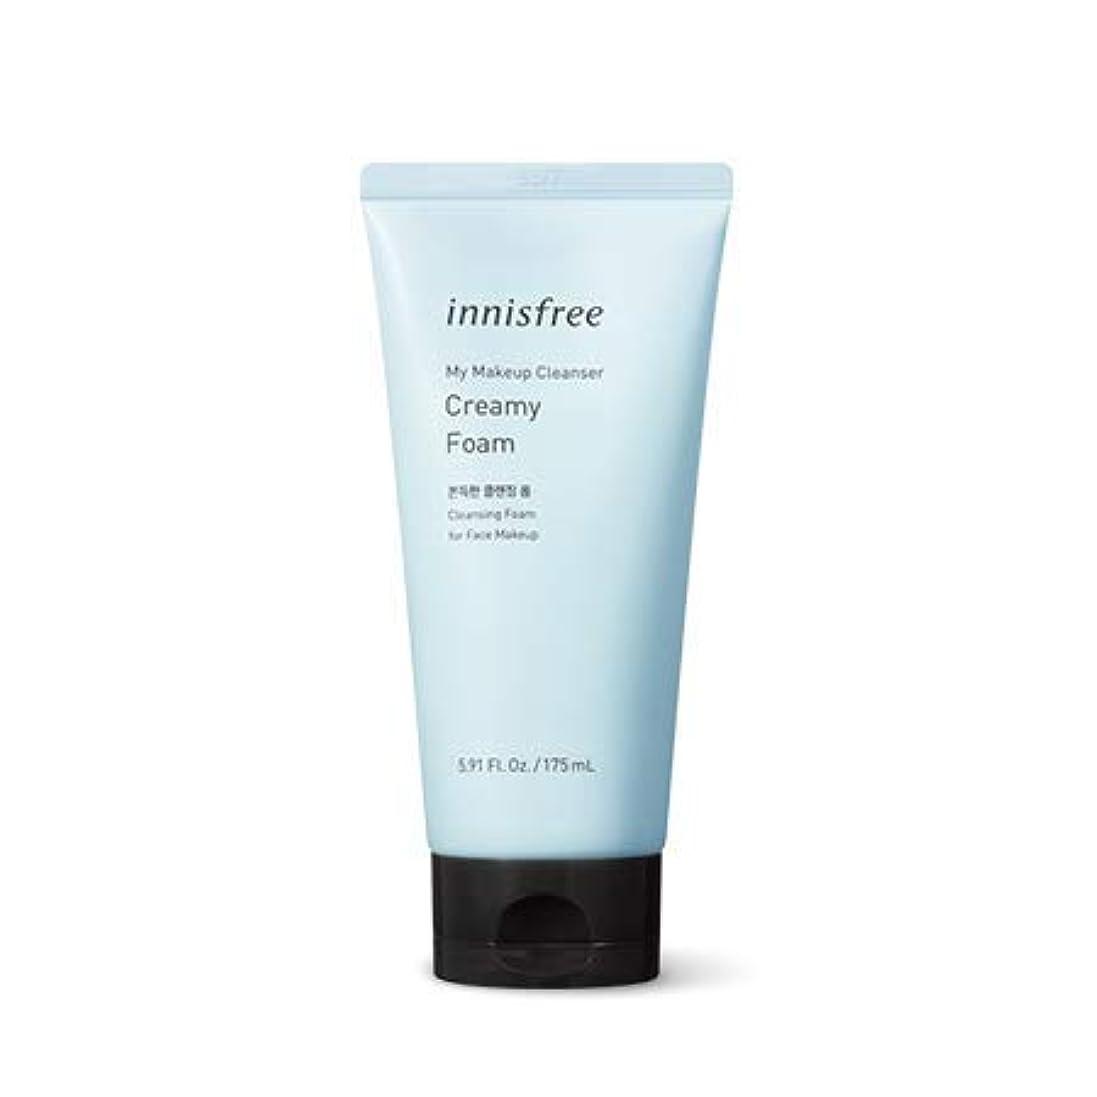 一時解雇するライブ期待する[イニスフリー.innisfree]マイメイククレンザー - クリーミーフォーム175mL+ free(laneige。water sleeping mask15ml)/ My Makeup Cleanser - Creamy Foam